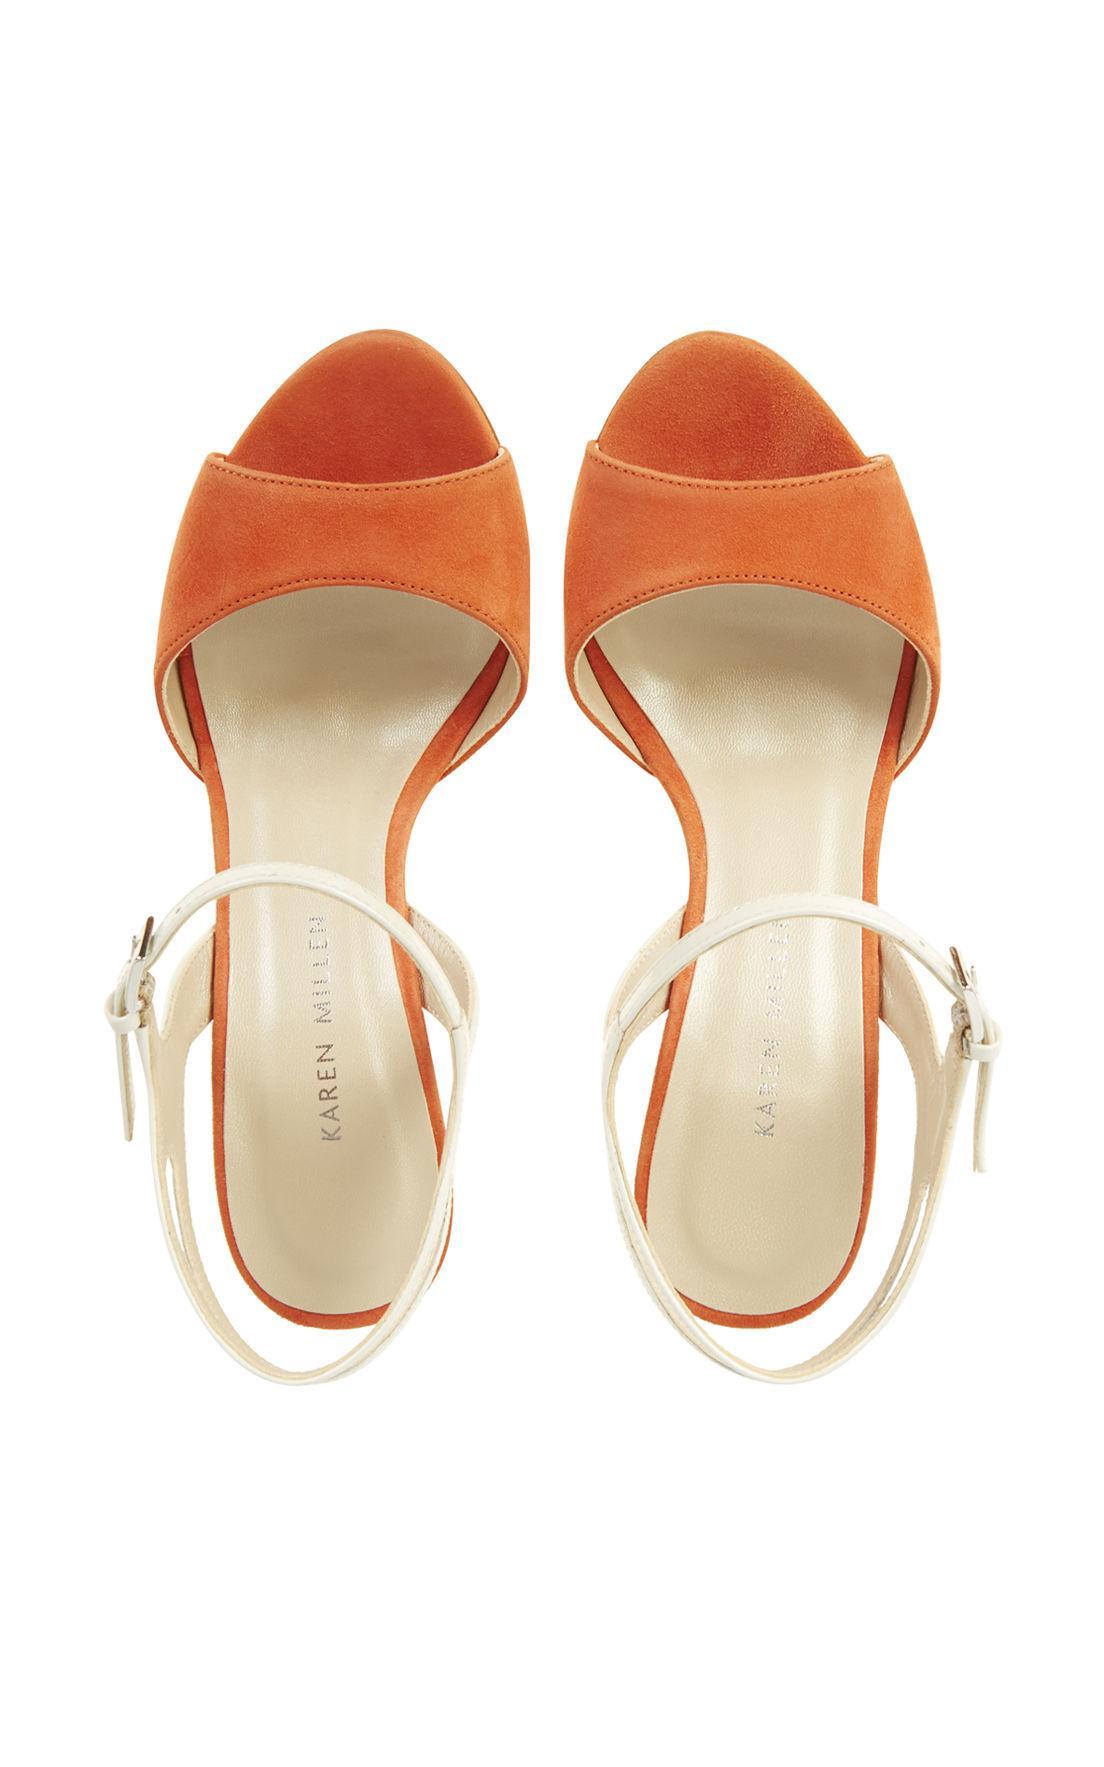 9e7d5a8735e Karen Millen Suede Colour-block Heel Sandal - Orange in Orange - Lyst